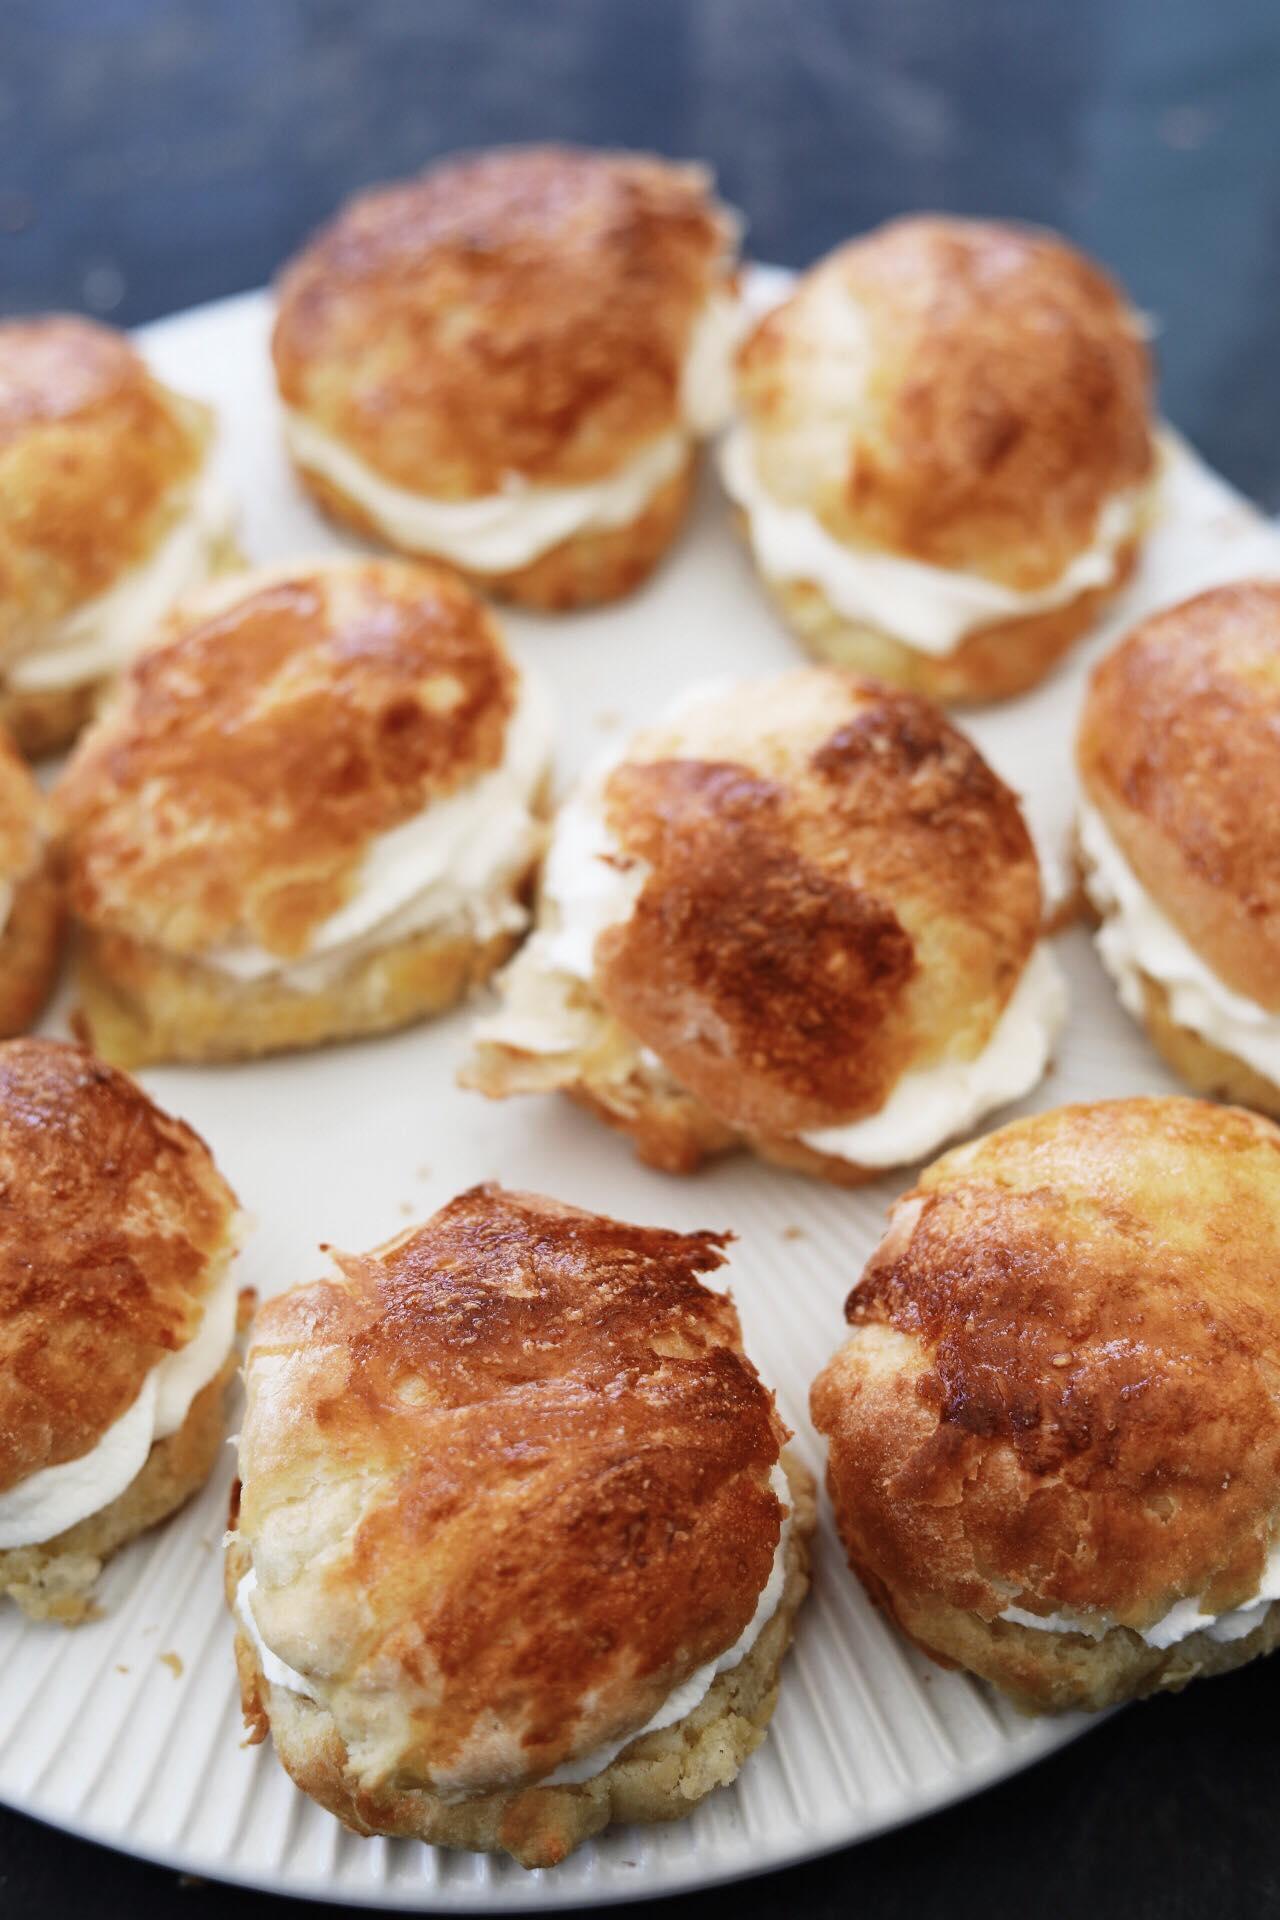 Fastelavnsboller af wienerbrødsdej med kagecreme og flødeskum